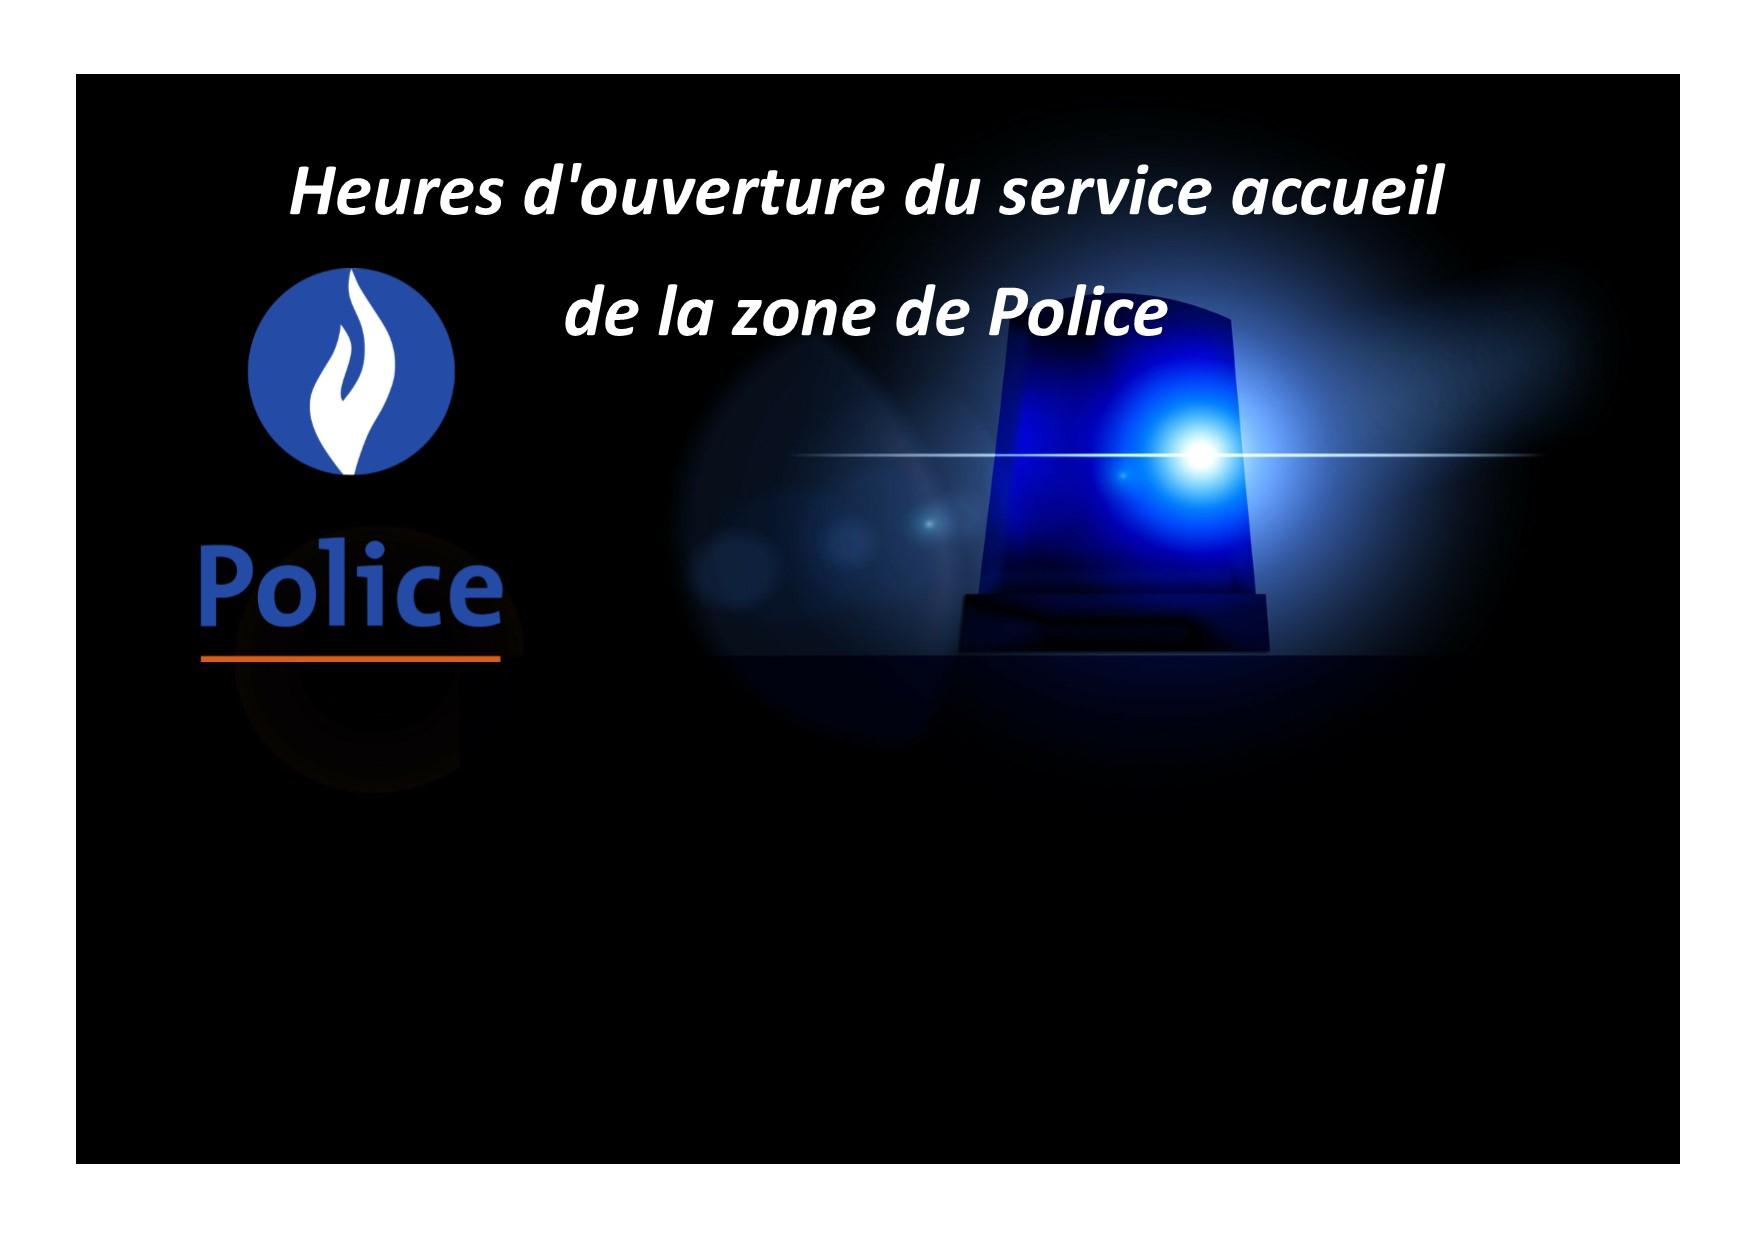 Heures d'ouverture du service accueil de la zone de police